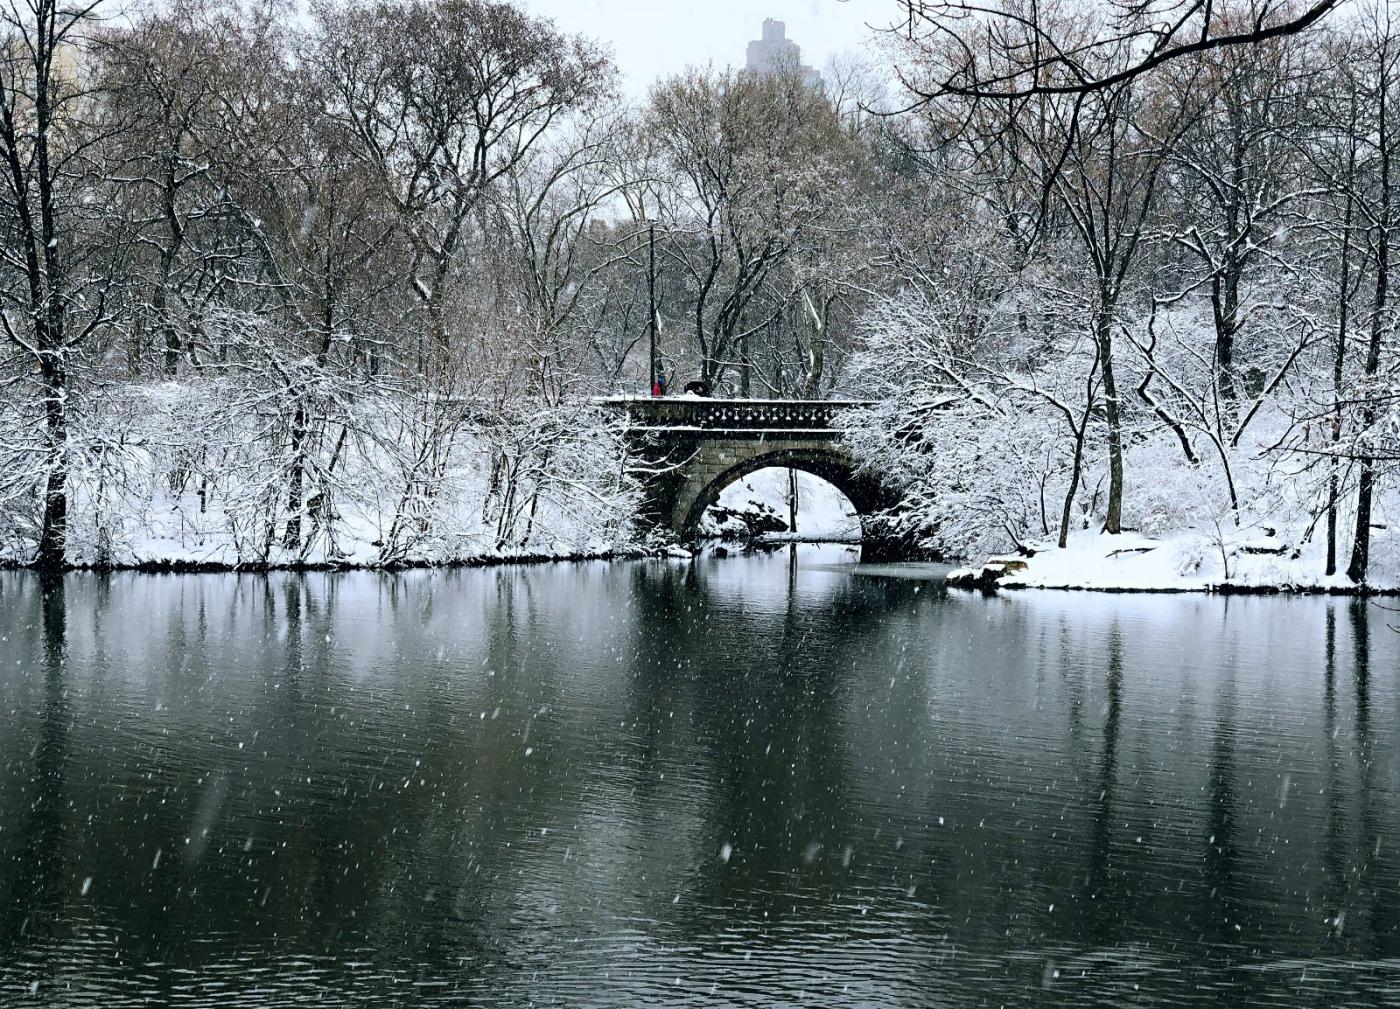 【田螺手机摄影】在纽约市拍雪景、还是中央公园最漂亮_图1-3